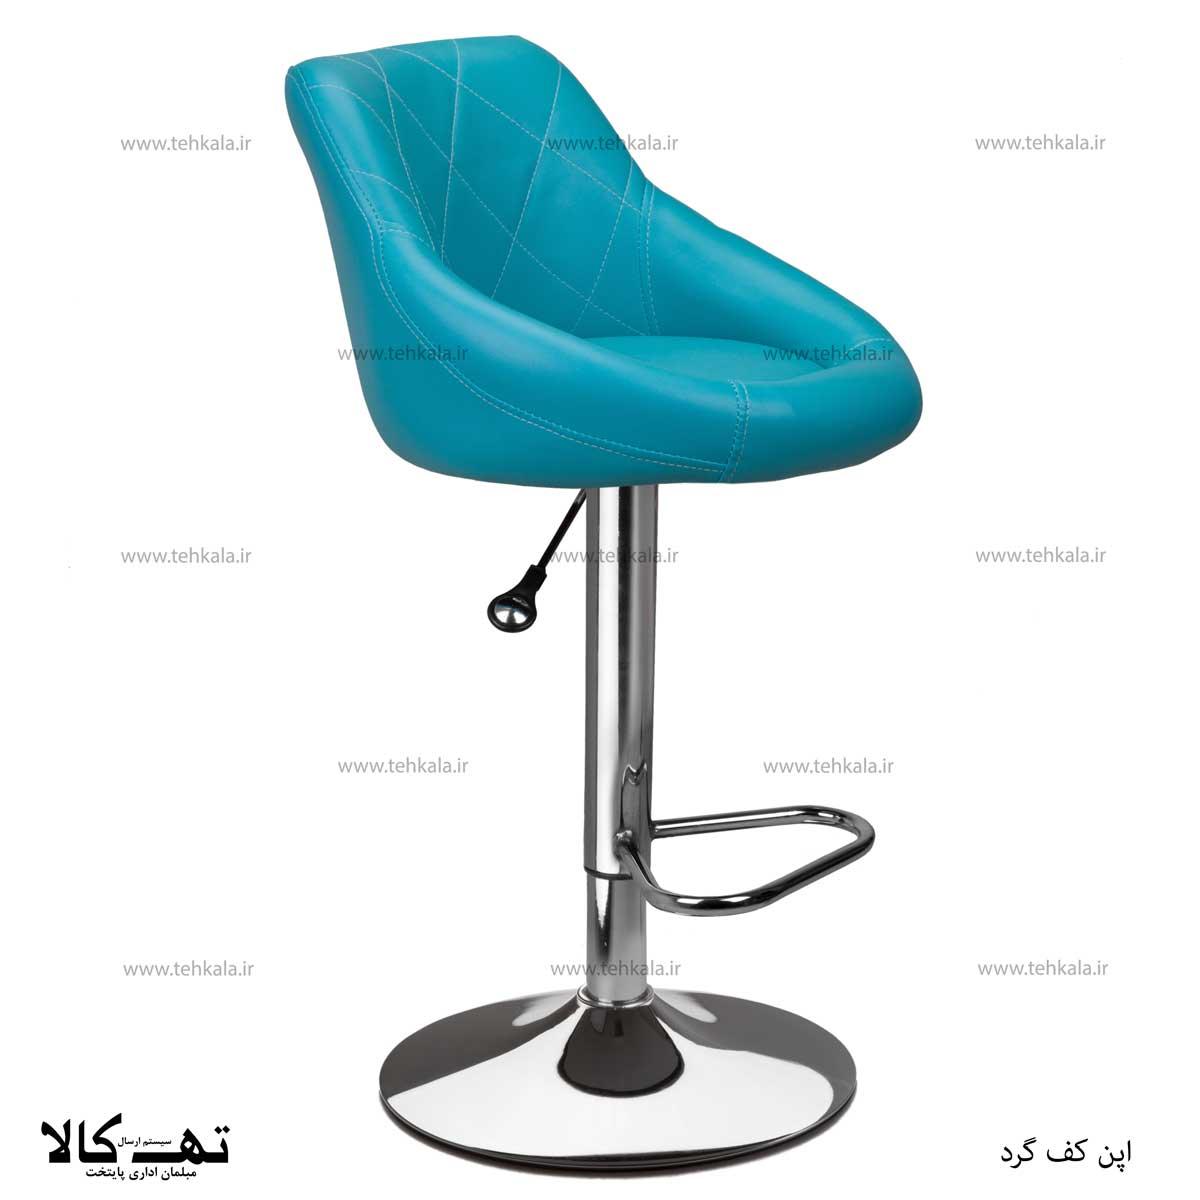 میز گرد دکوری صندلی اپن کف گرد - مبلمان اداری پایتخت (تهـ کالا)